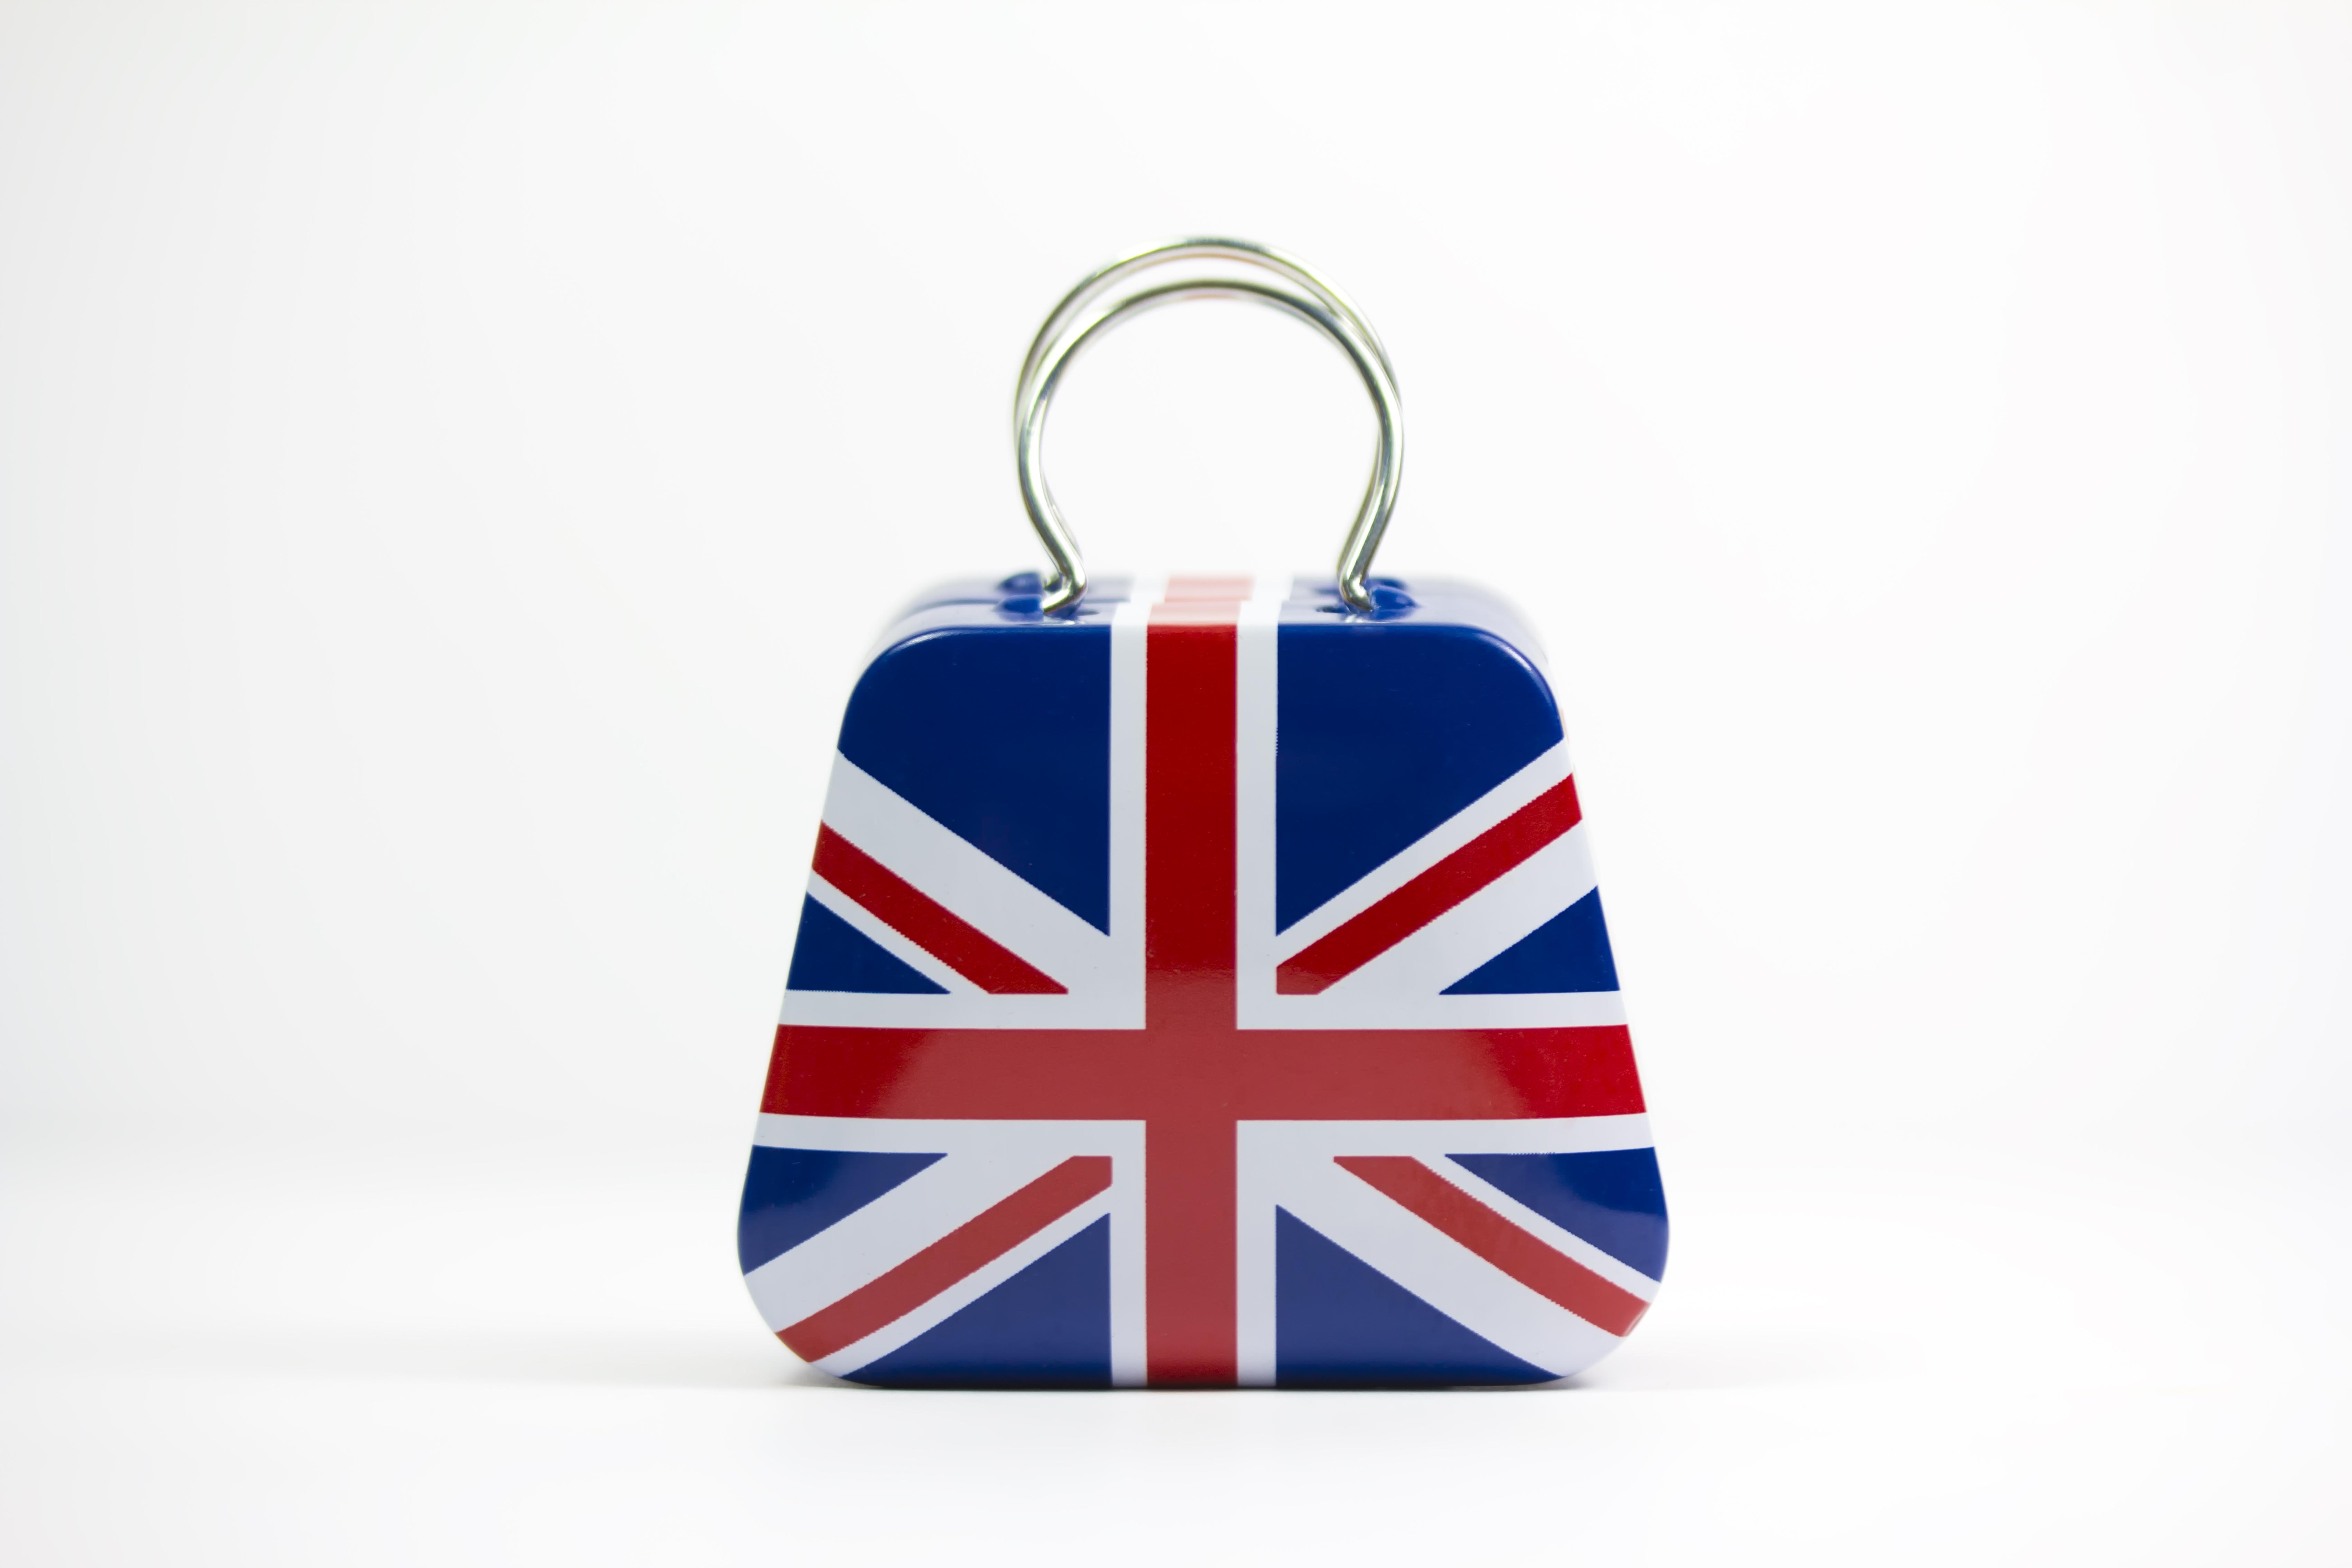 UK Britain vaccine passport